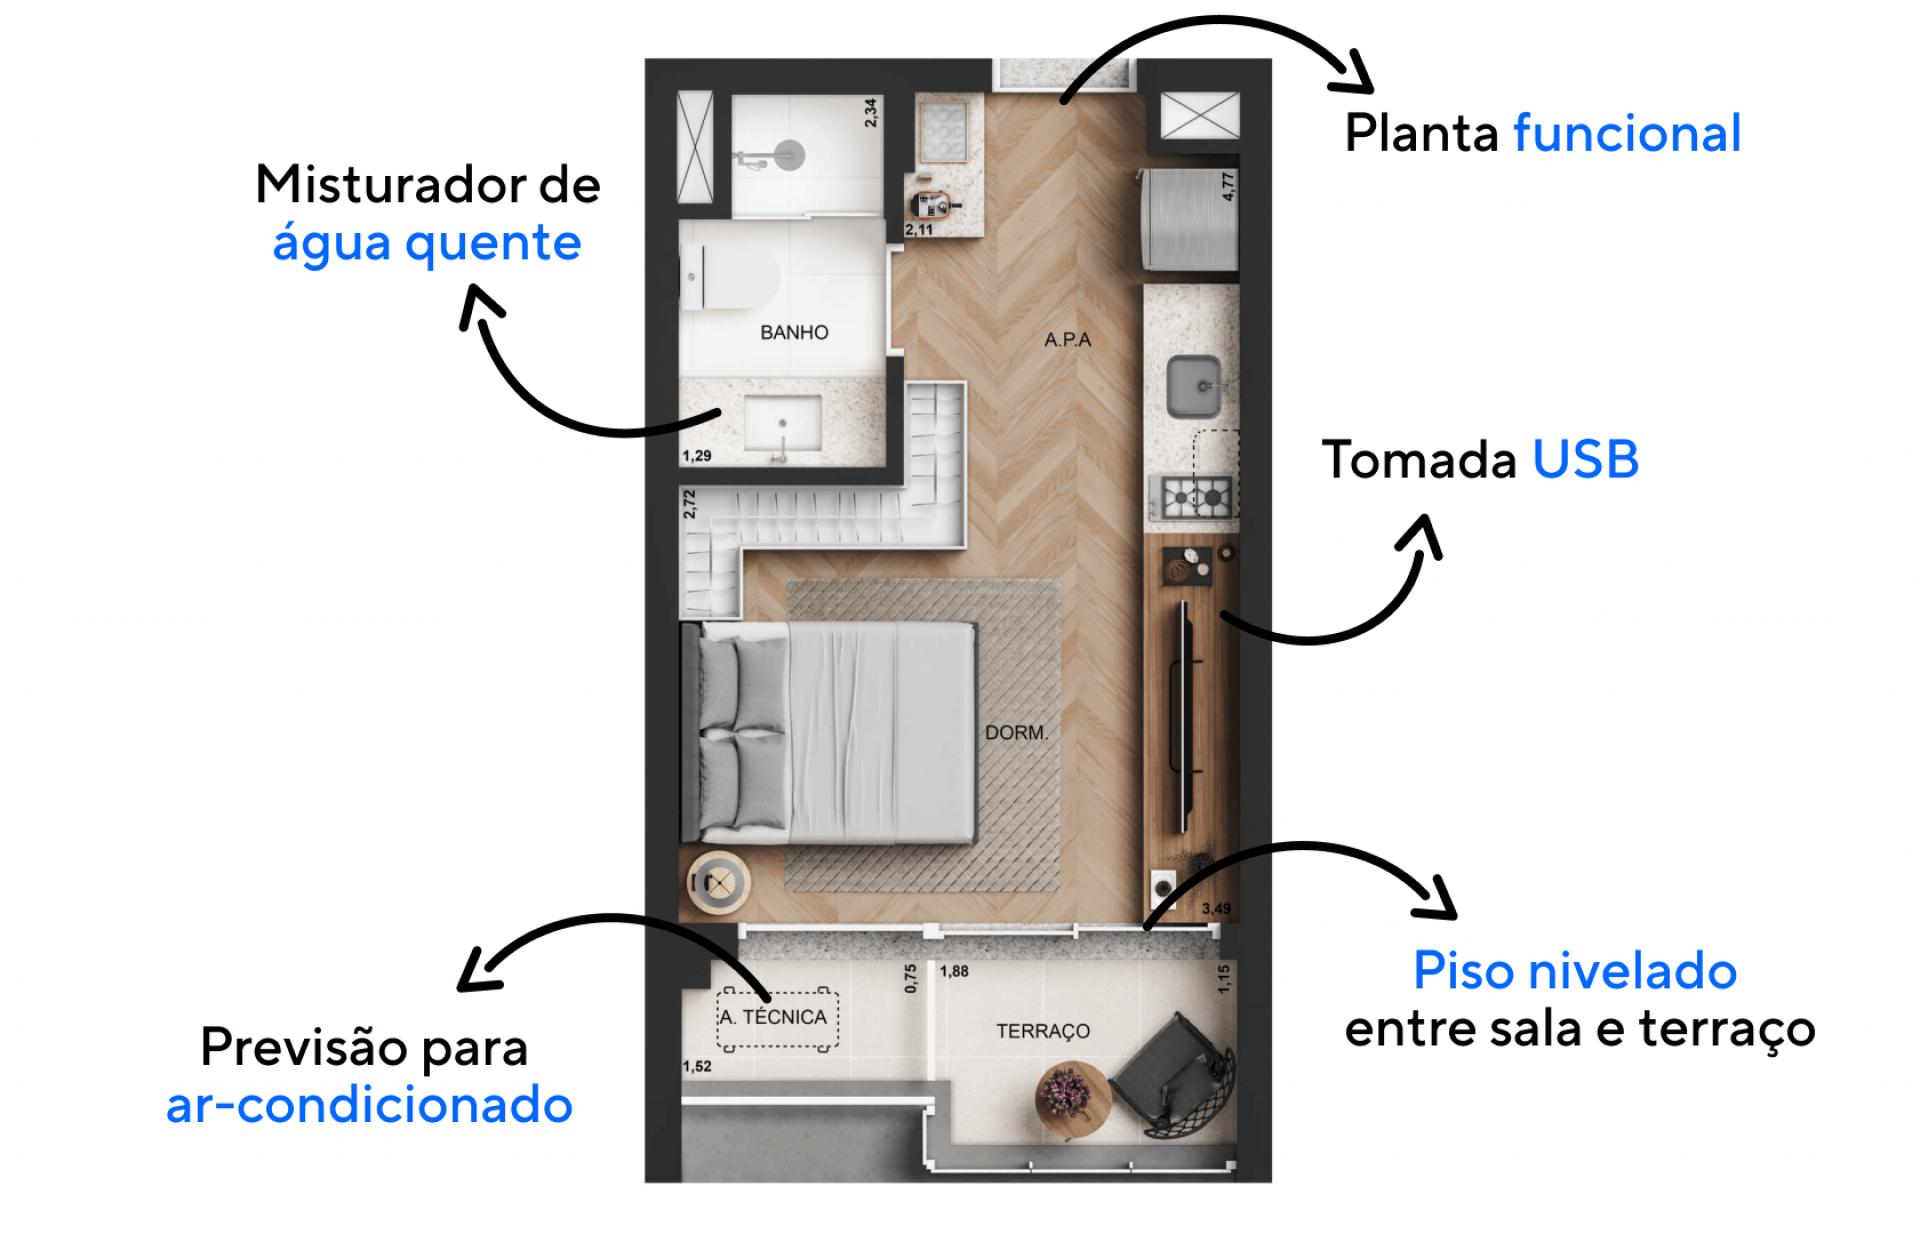 25 M² - STUDIO com planta funcional integrando totalmente os ambientes internos. Dando uso aos espaços compactos e criando uma configuração prática essa tipologia é ideal para quem tem um estilo de vida moderno e urbano!